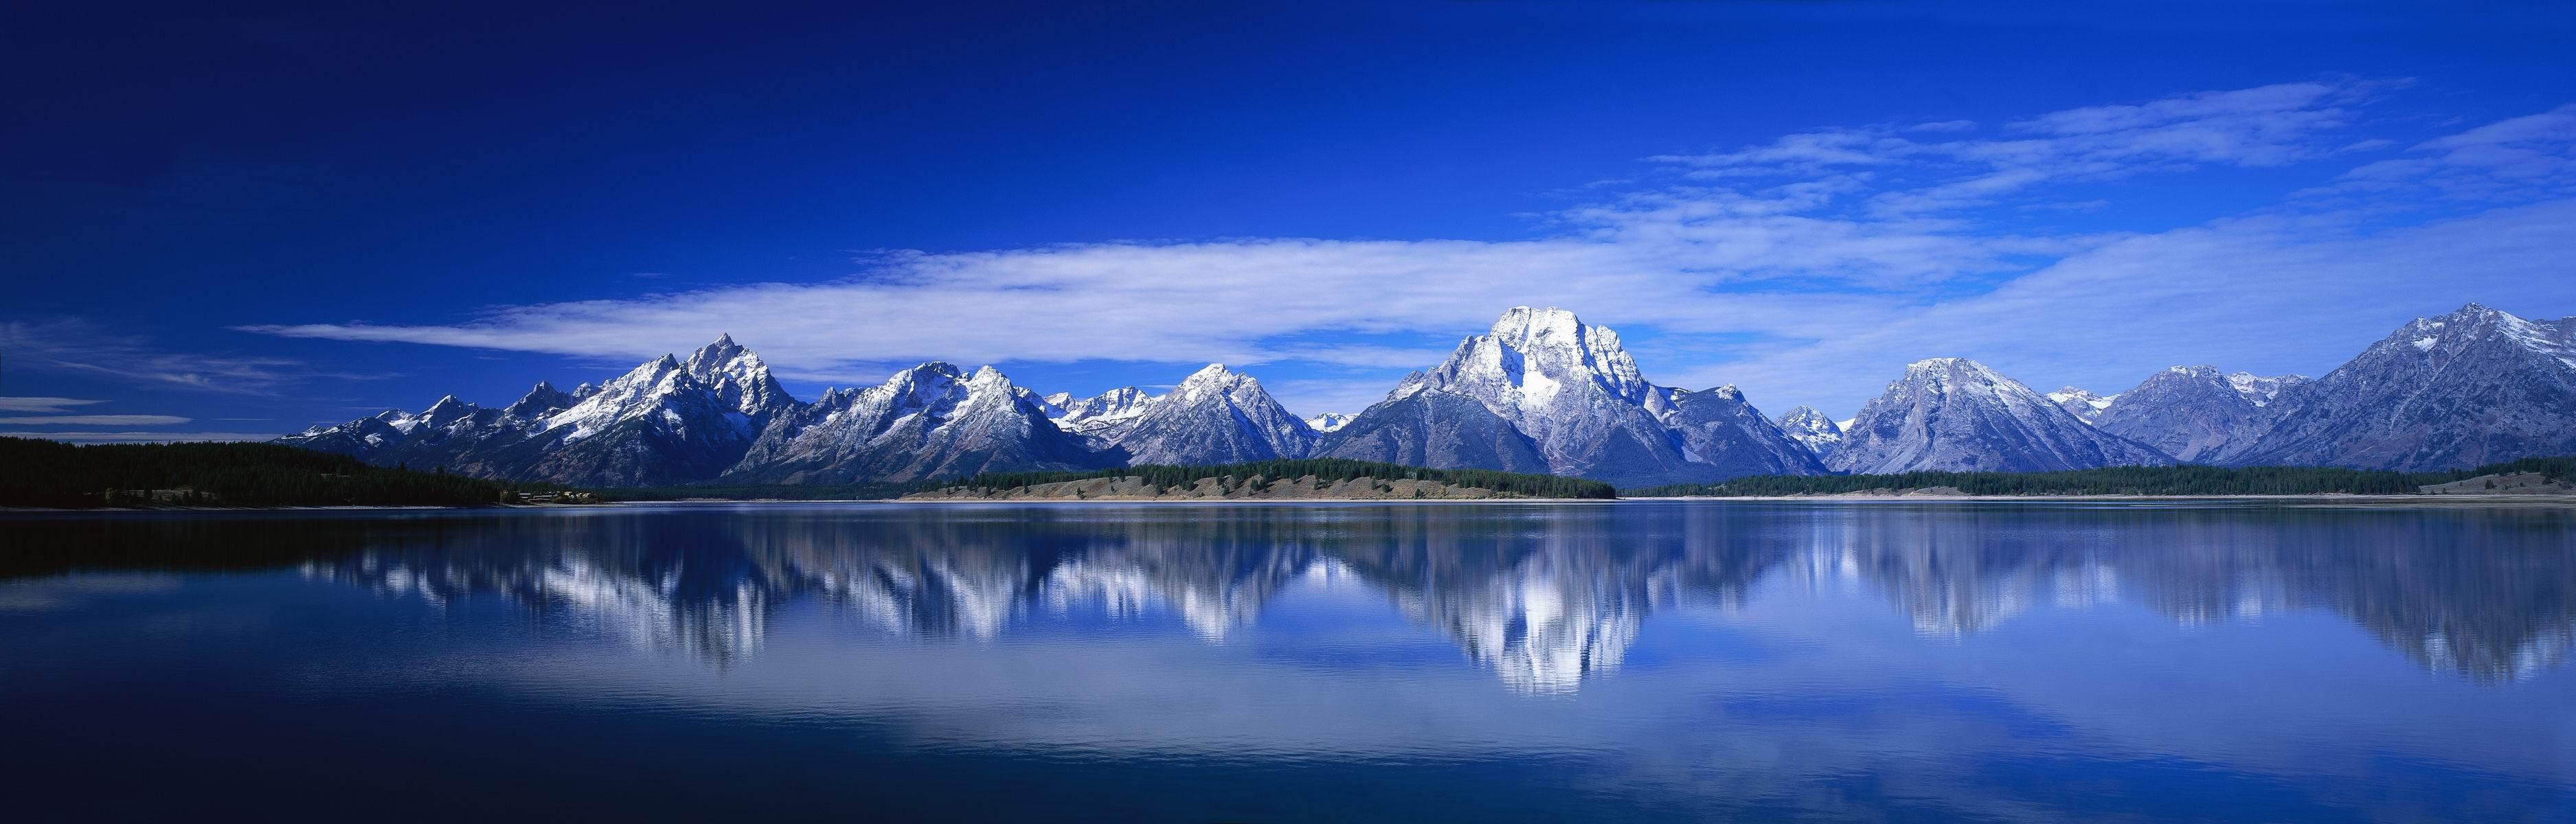 обои на рабочий стол 1280х1024 красивые виды природы торрент № 236859  скачать